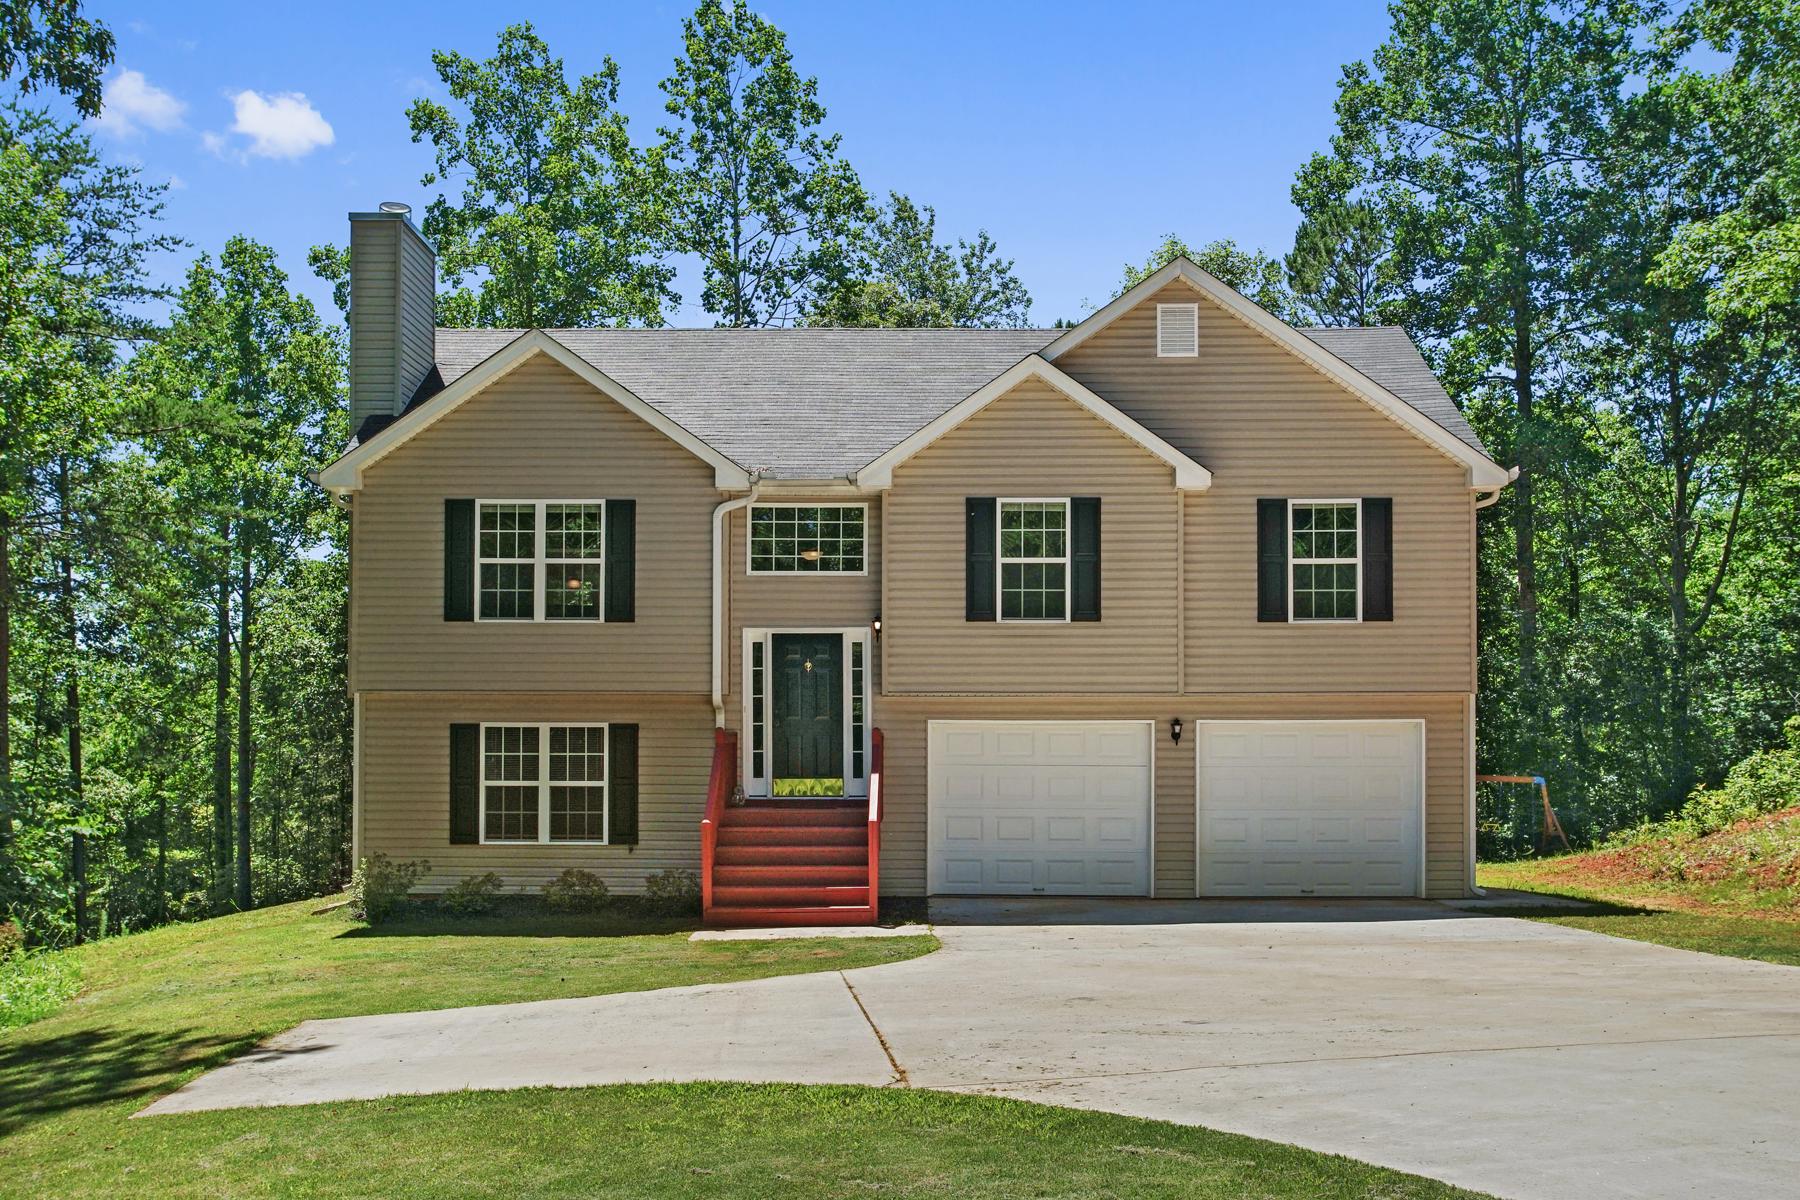 단독 가정 주택 용 매매 에 Better Than New in Belmont Heights 3456 Navigator Lane Gainesville, 조지아, 30507 미국